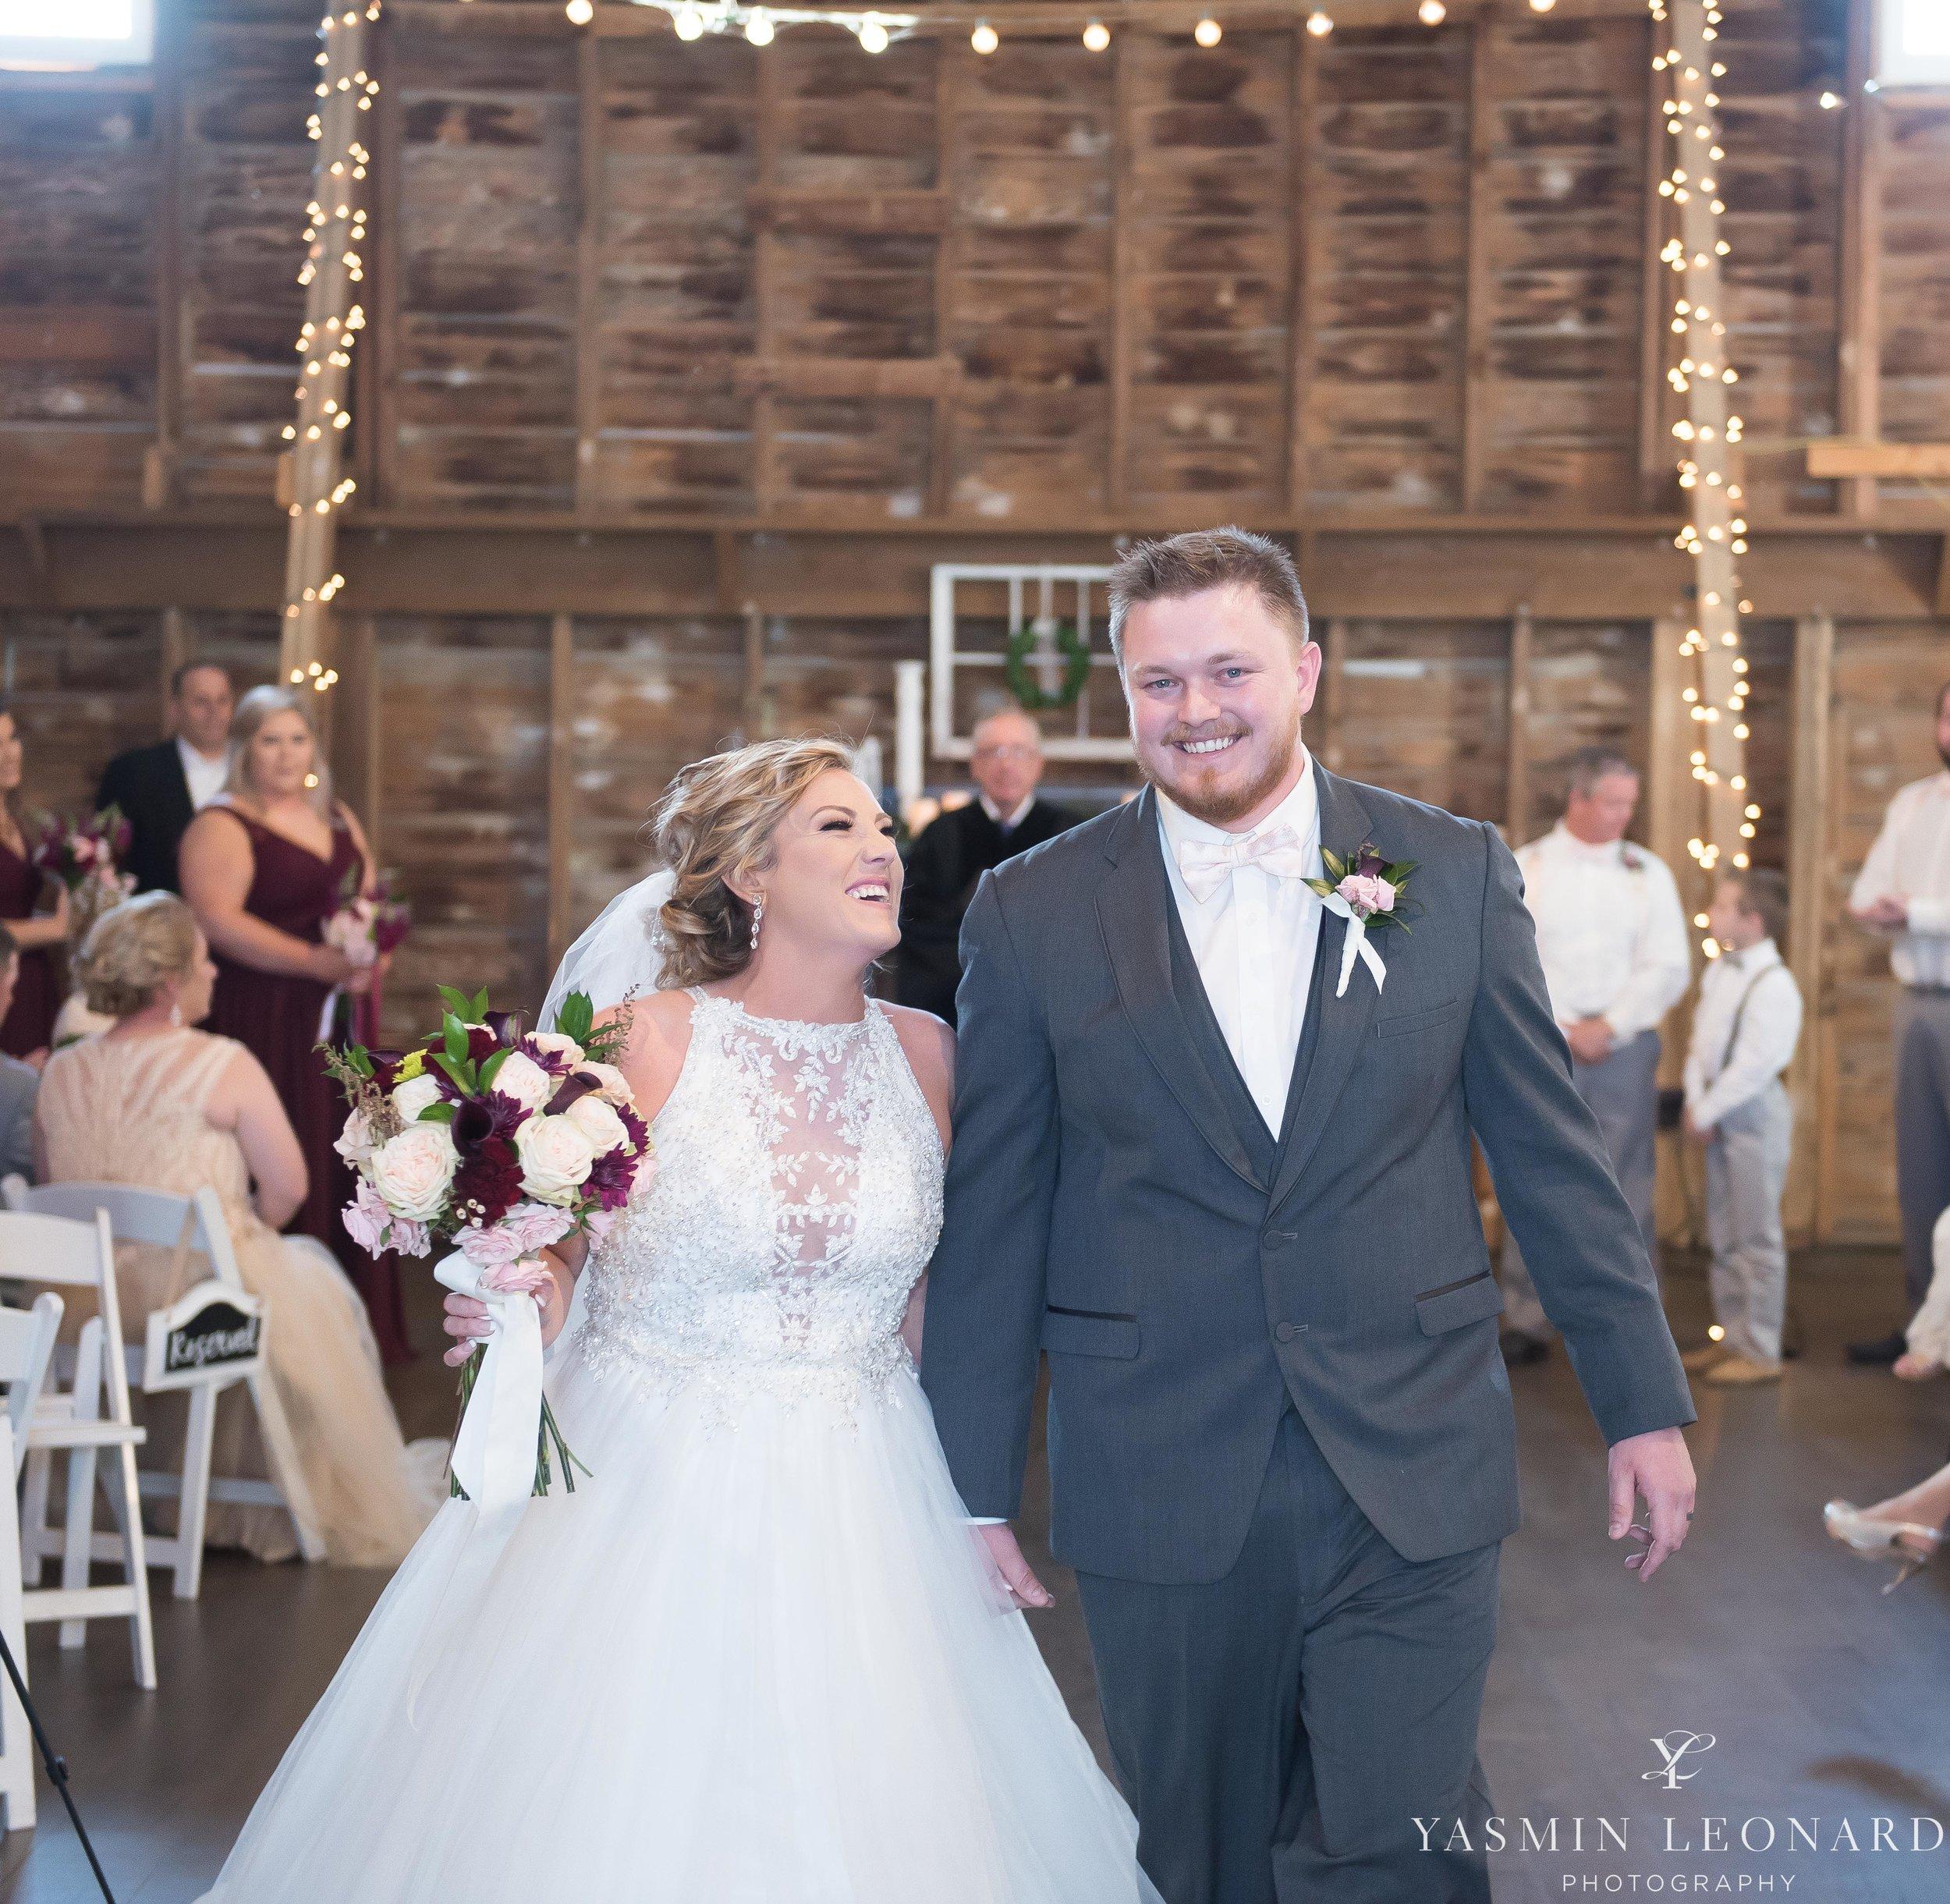 Millikan Farms - Millikan Farms Wedding - Sophia NC Wedding - NC Wedding - NC Wedding Photographer - Yasmin Leonard Photography - High Point Photographer - Barn Wedding - Wedding Venues in NC - Triad Wedding Photographer-51.jpg